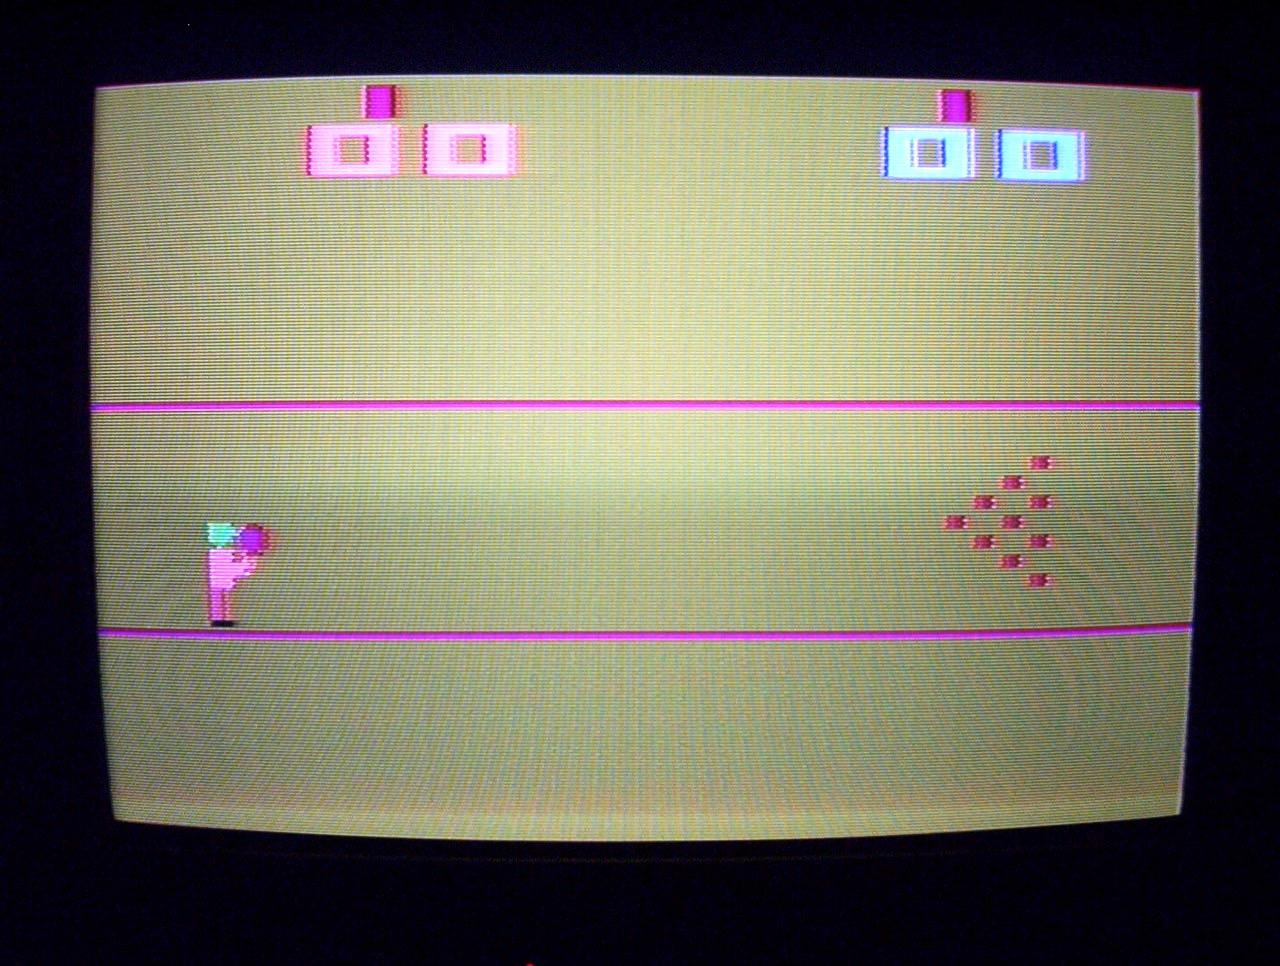 Eine Kopie von Ataris Bowling. (Bild: André Eymann)